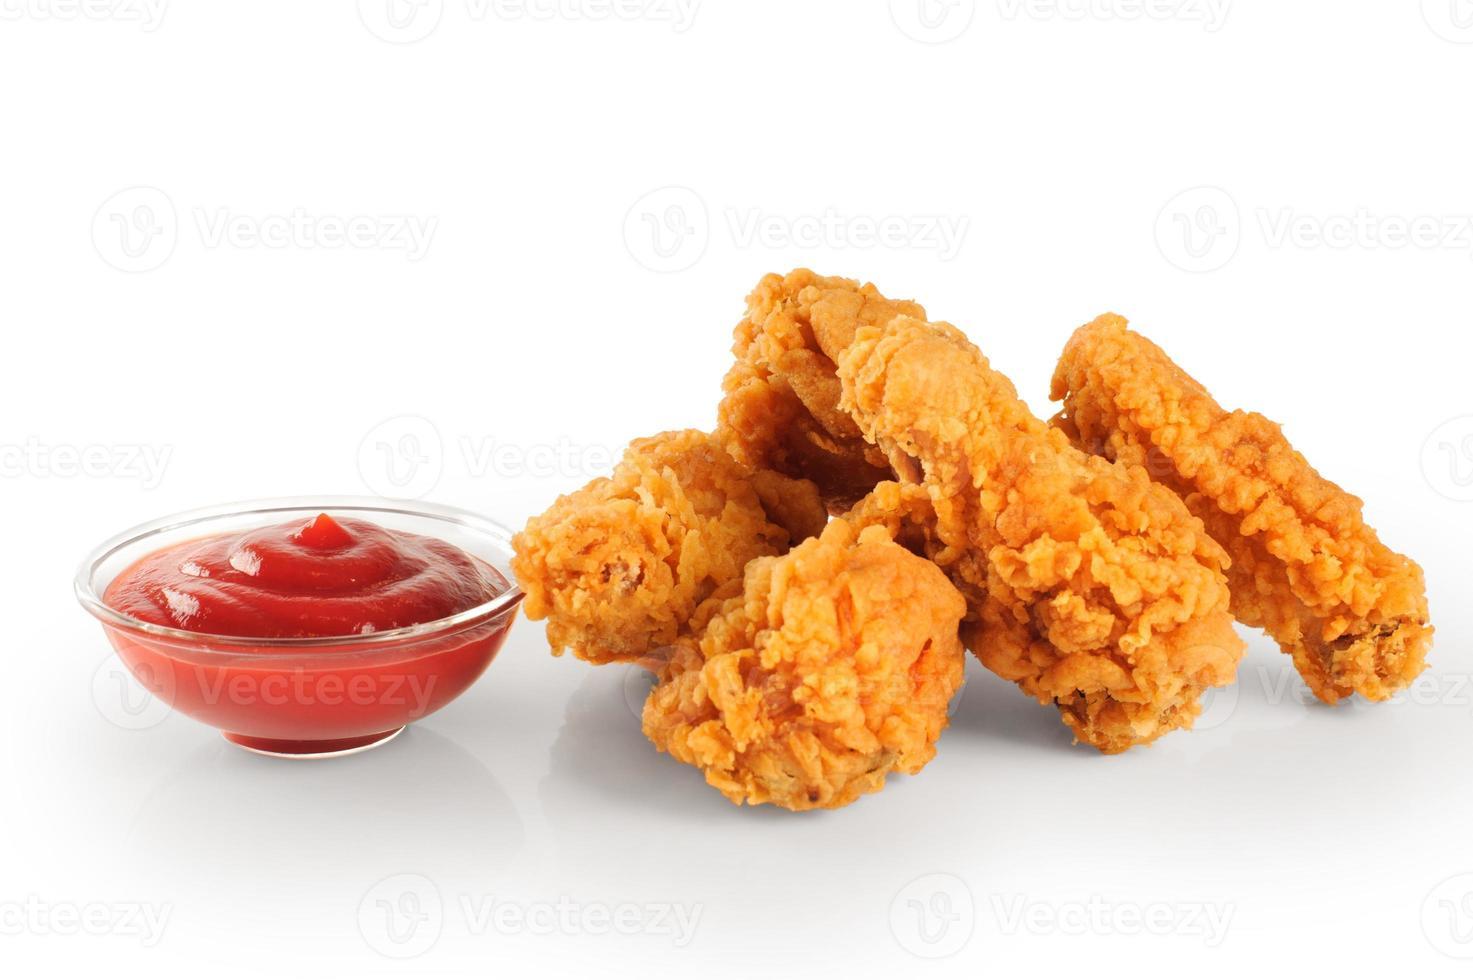 frito en alitas de pollo rebozadas y salsa de tomate foto